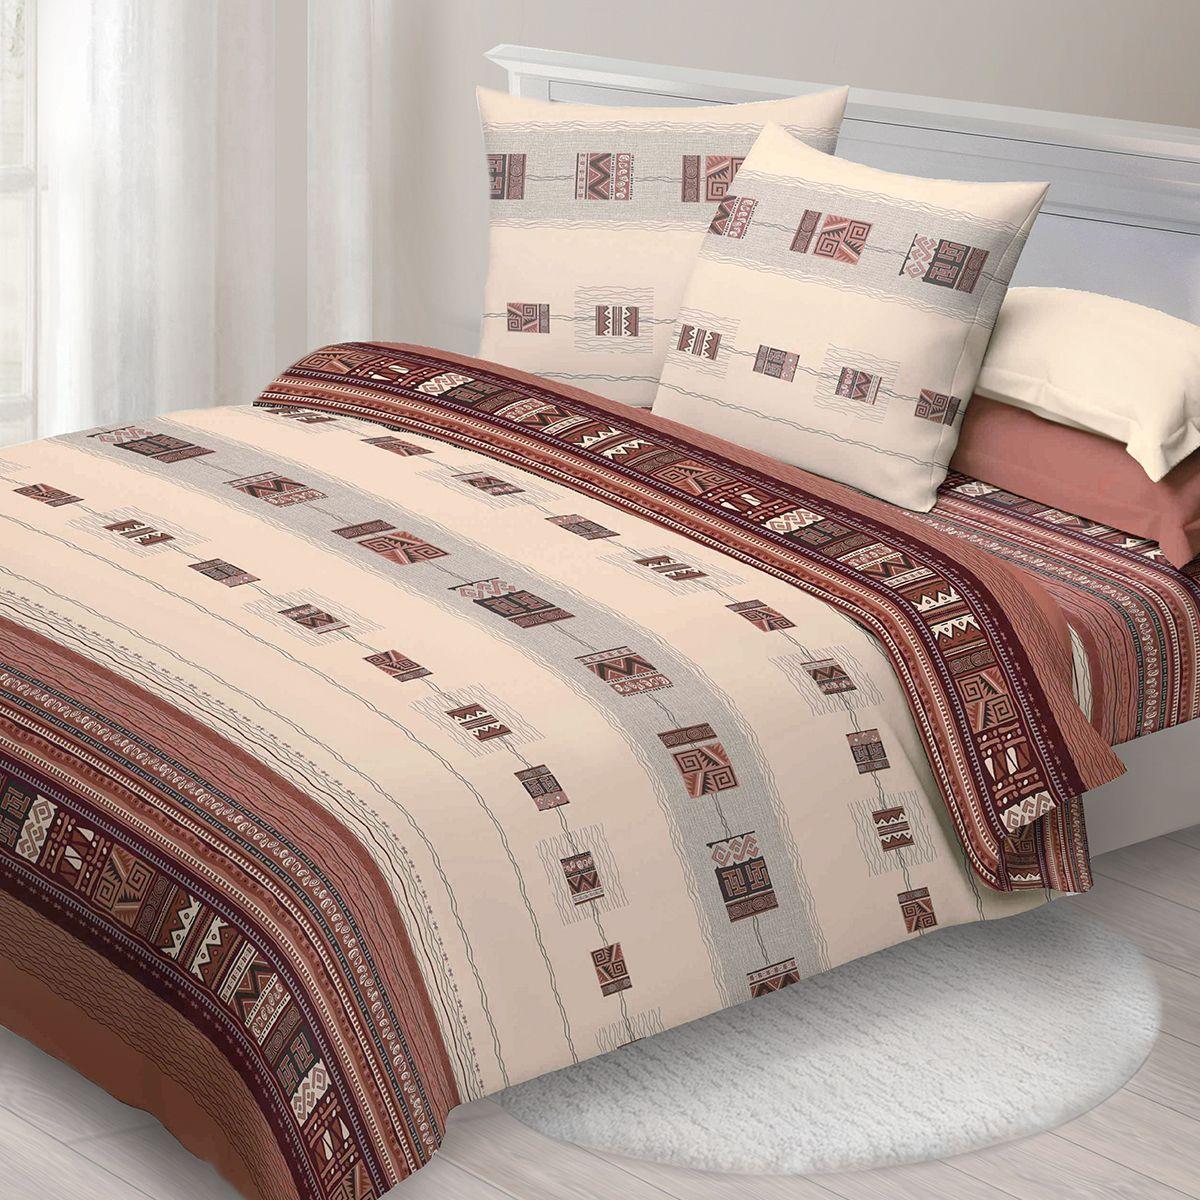 Комплект белья Спал Спалыч Этно, 2-спальное, наволочки 70x70, цвет: коричневыйDAVC150Спал Спалыч - недорогое, но качественное постельное белье из белорусской бязи. Актуальные дизайны, авторская упаковка в сочетании с качественными материалами и приемлемой ценой - залог успеха Спал Спалыча!В ассортименте широкая линейка домашнего текстиля для всей семьи - современные дизайны современному покупателю! Ткань обработана по технологии PERFECT WAY - благодаря чему, она становится более гладкой и шелковистой.• Бязь Барановичи 100% хлопок• Плотность ткани - 125 гр/кв.м.